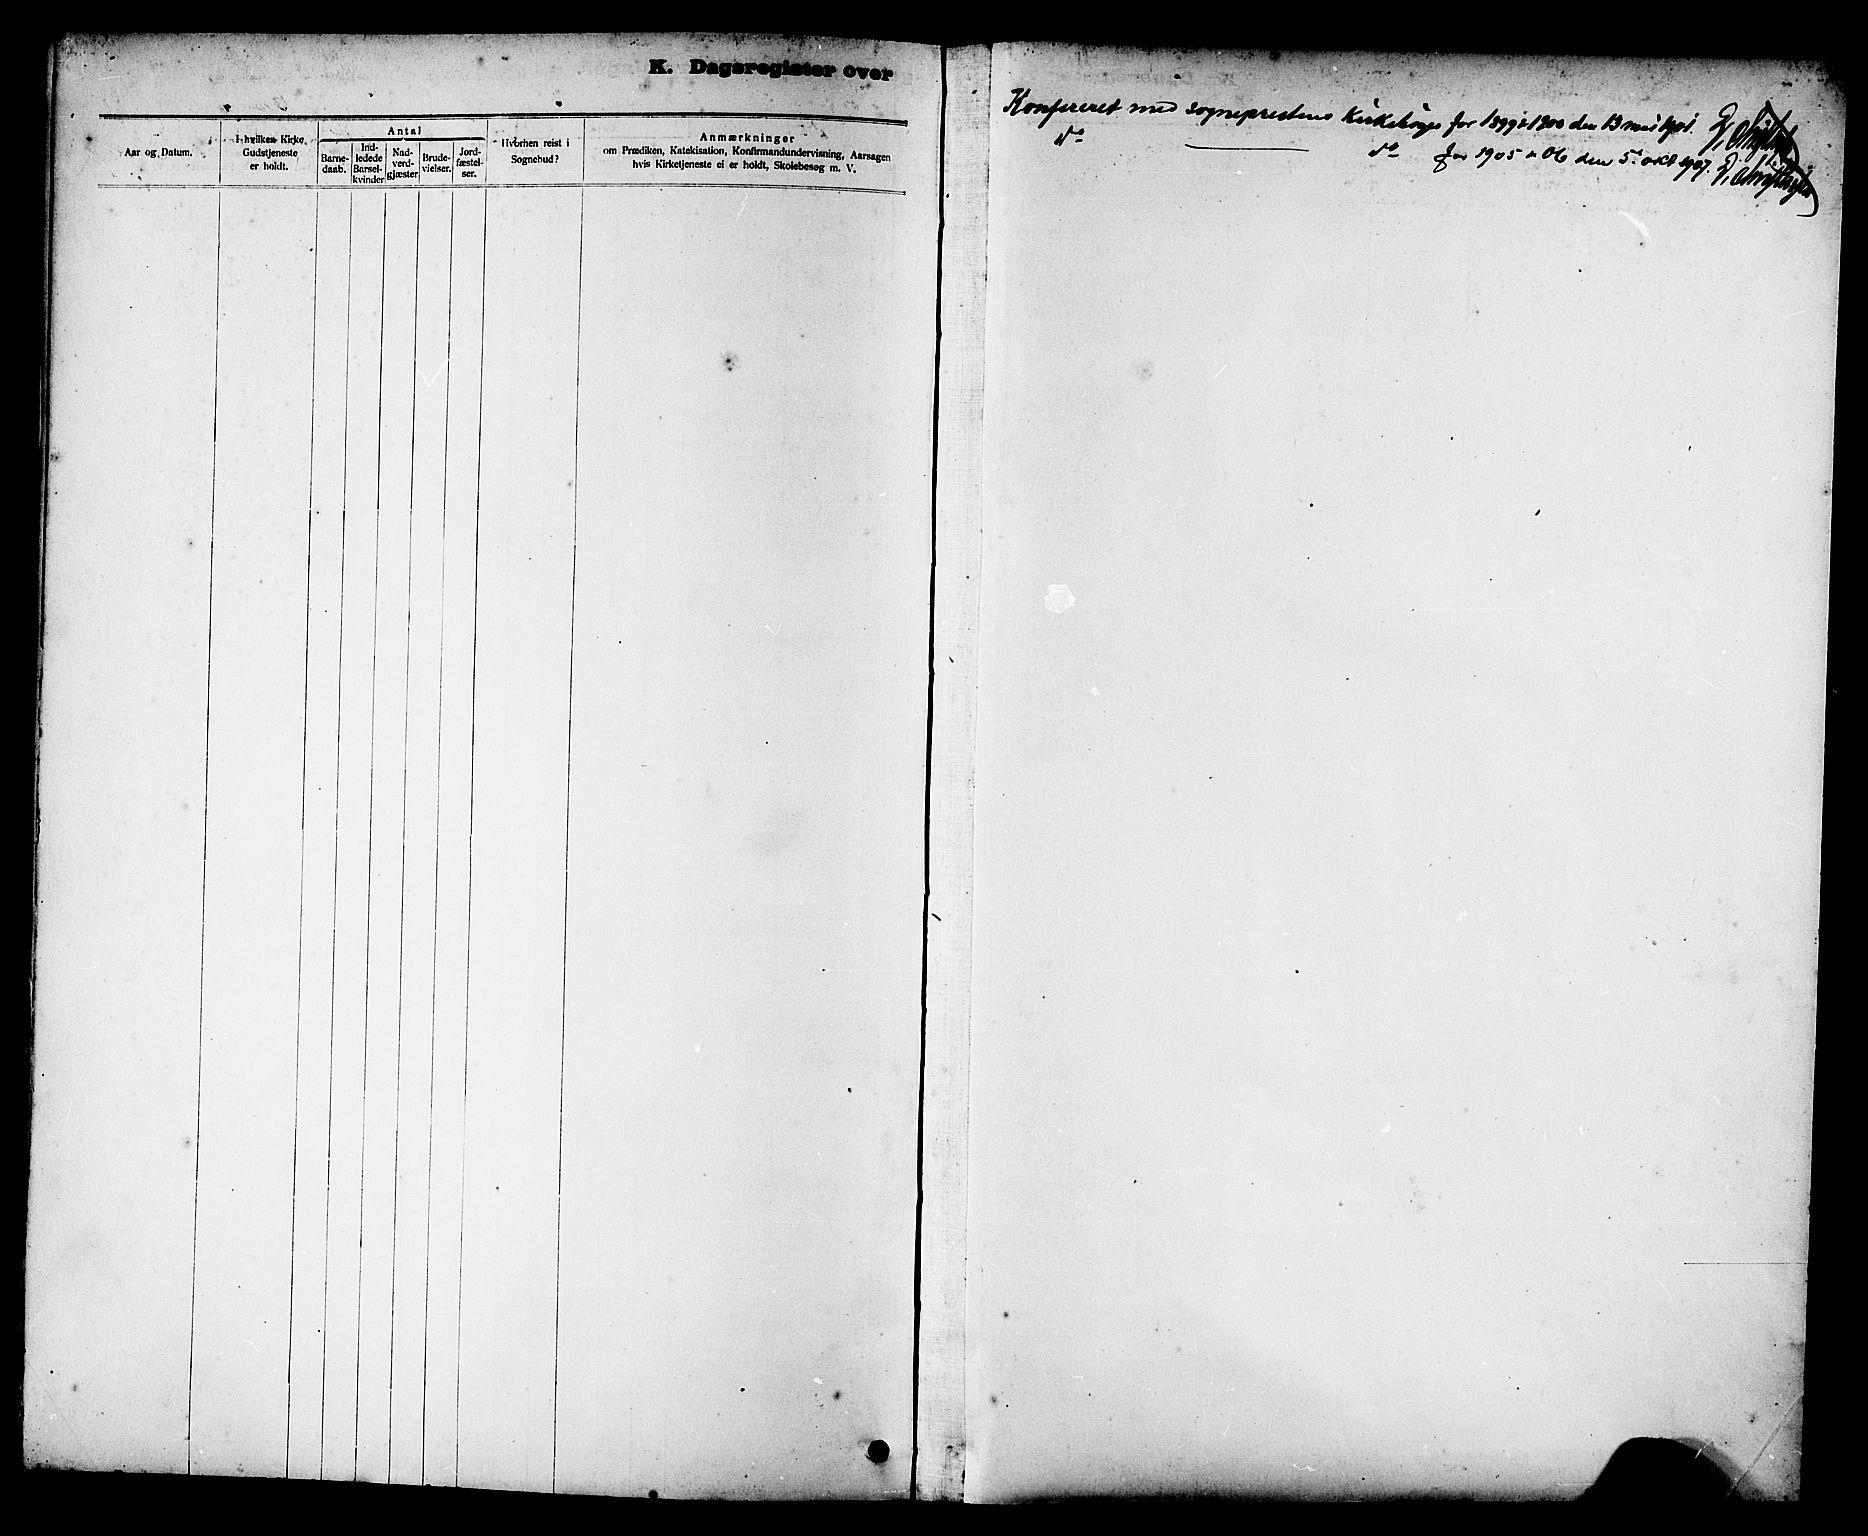 SAT, Ministerialprotokoller, klokkerbøker og fødselsregistre - Nord-Trøndelag, 780/L0652: Klokkerbok nr. 780C04, 1899-1911